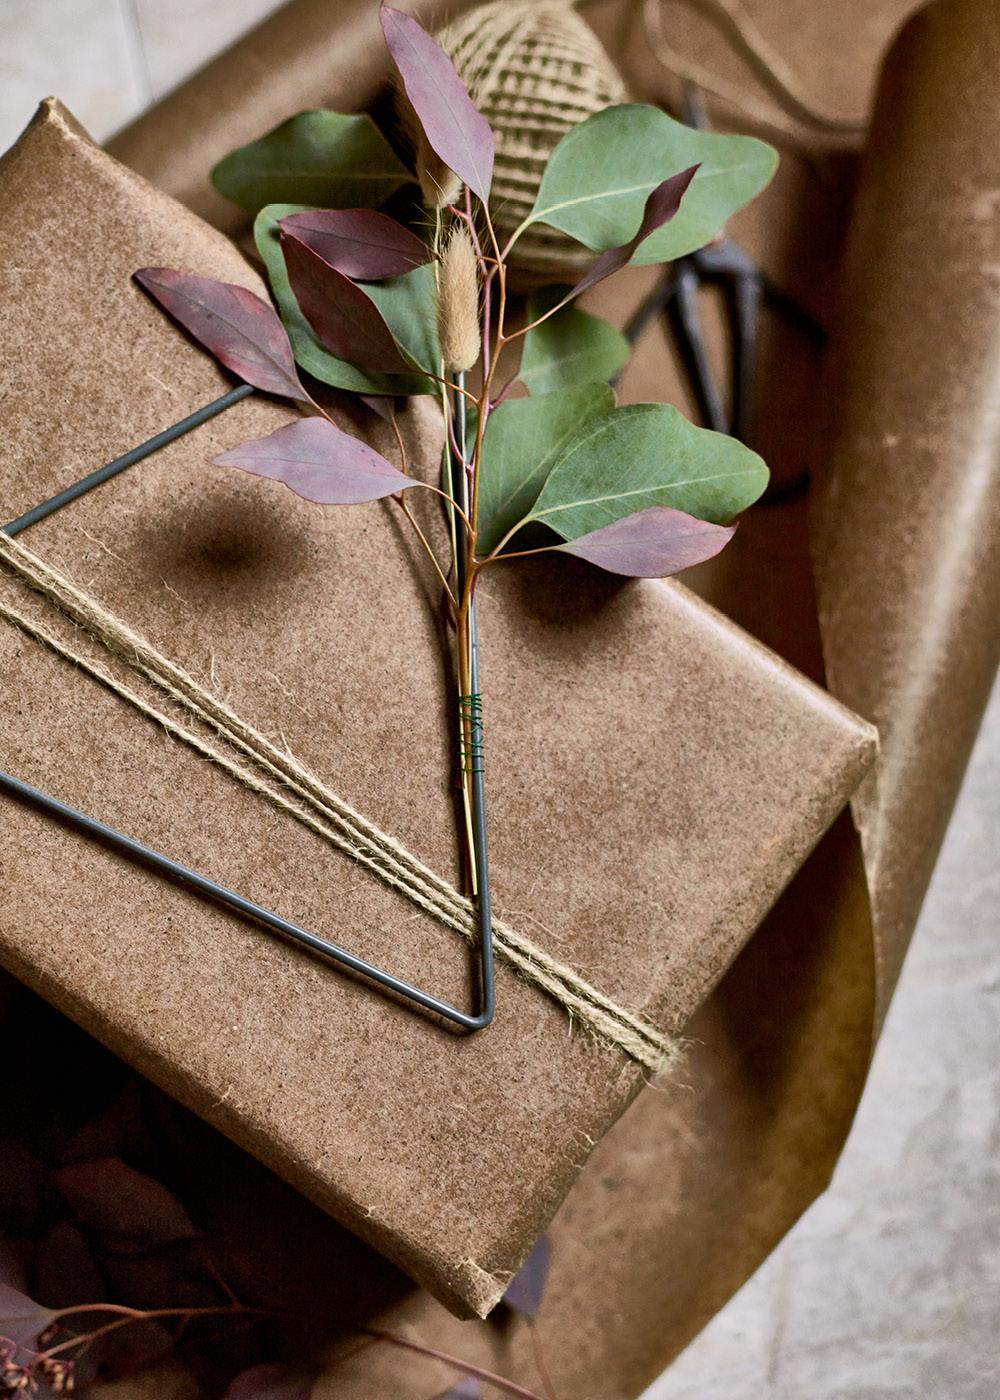 Geschenk mit Packpaier verpackt und liebvevoll mit Details geschmückt zum verschenken zu Weihnachten.